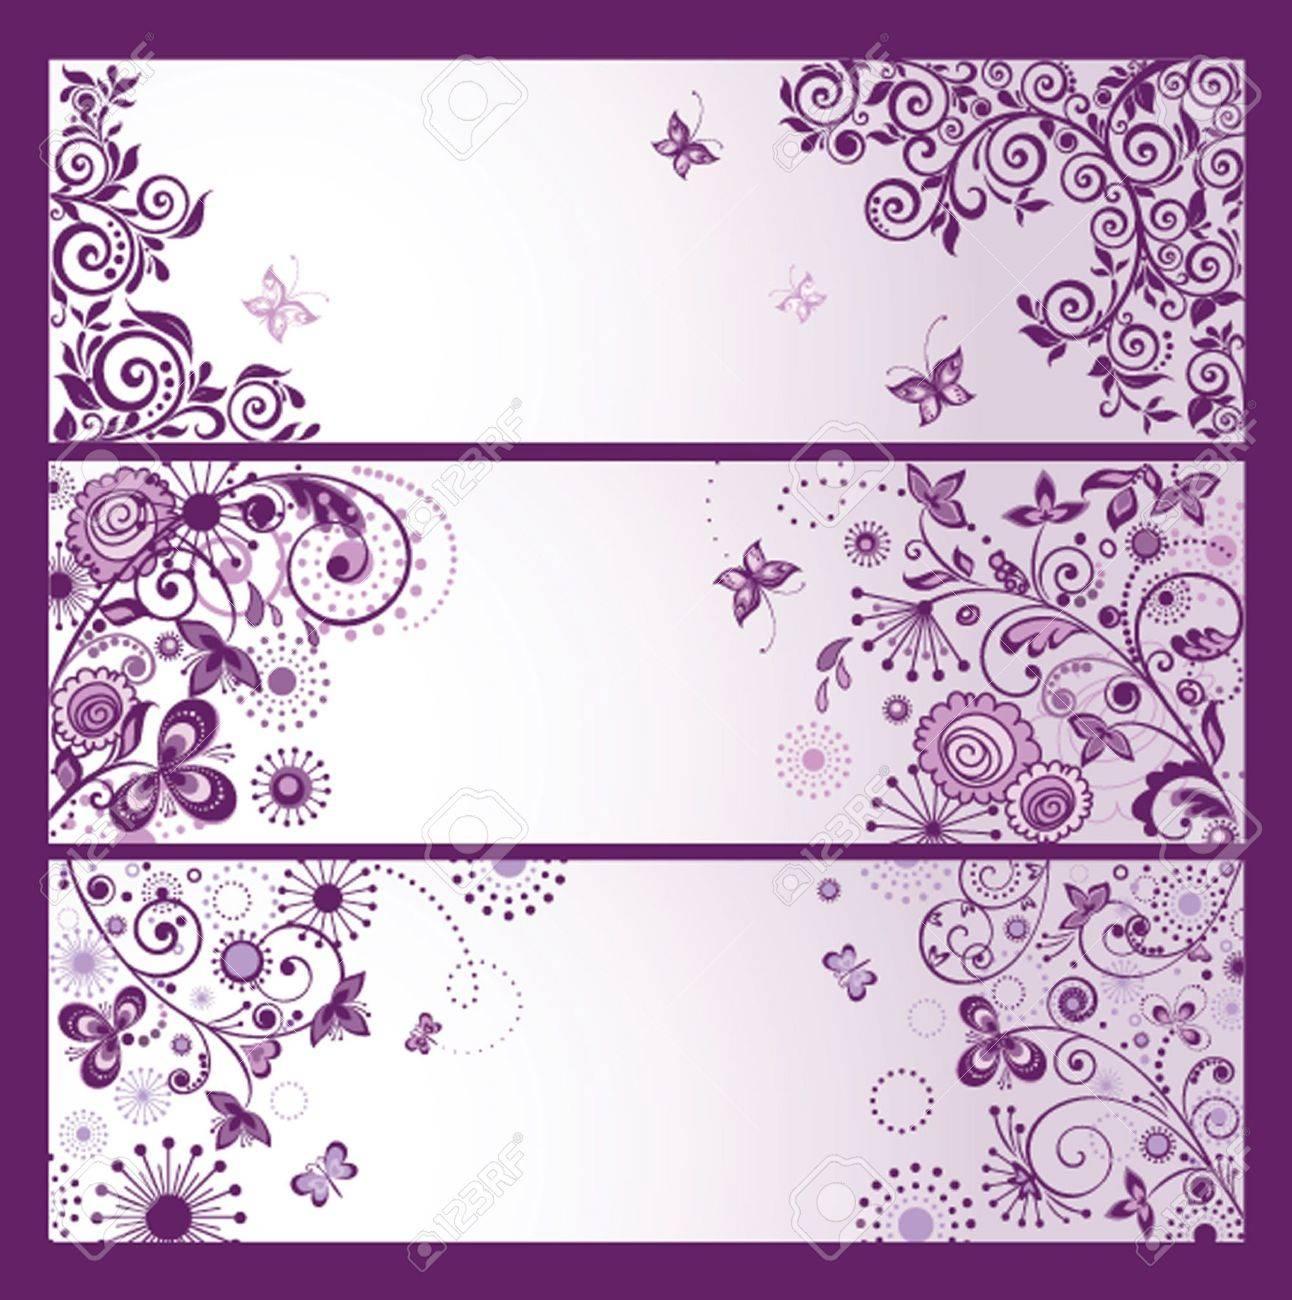 Цветочная Рамка Для Баннера